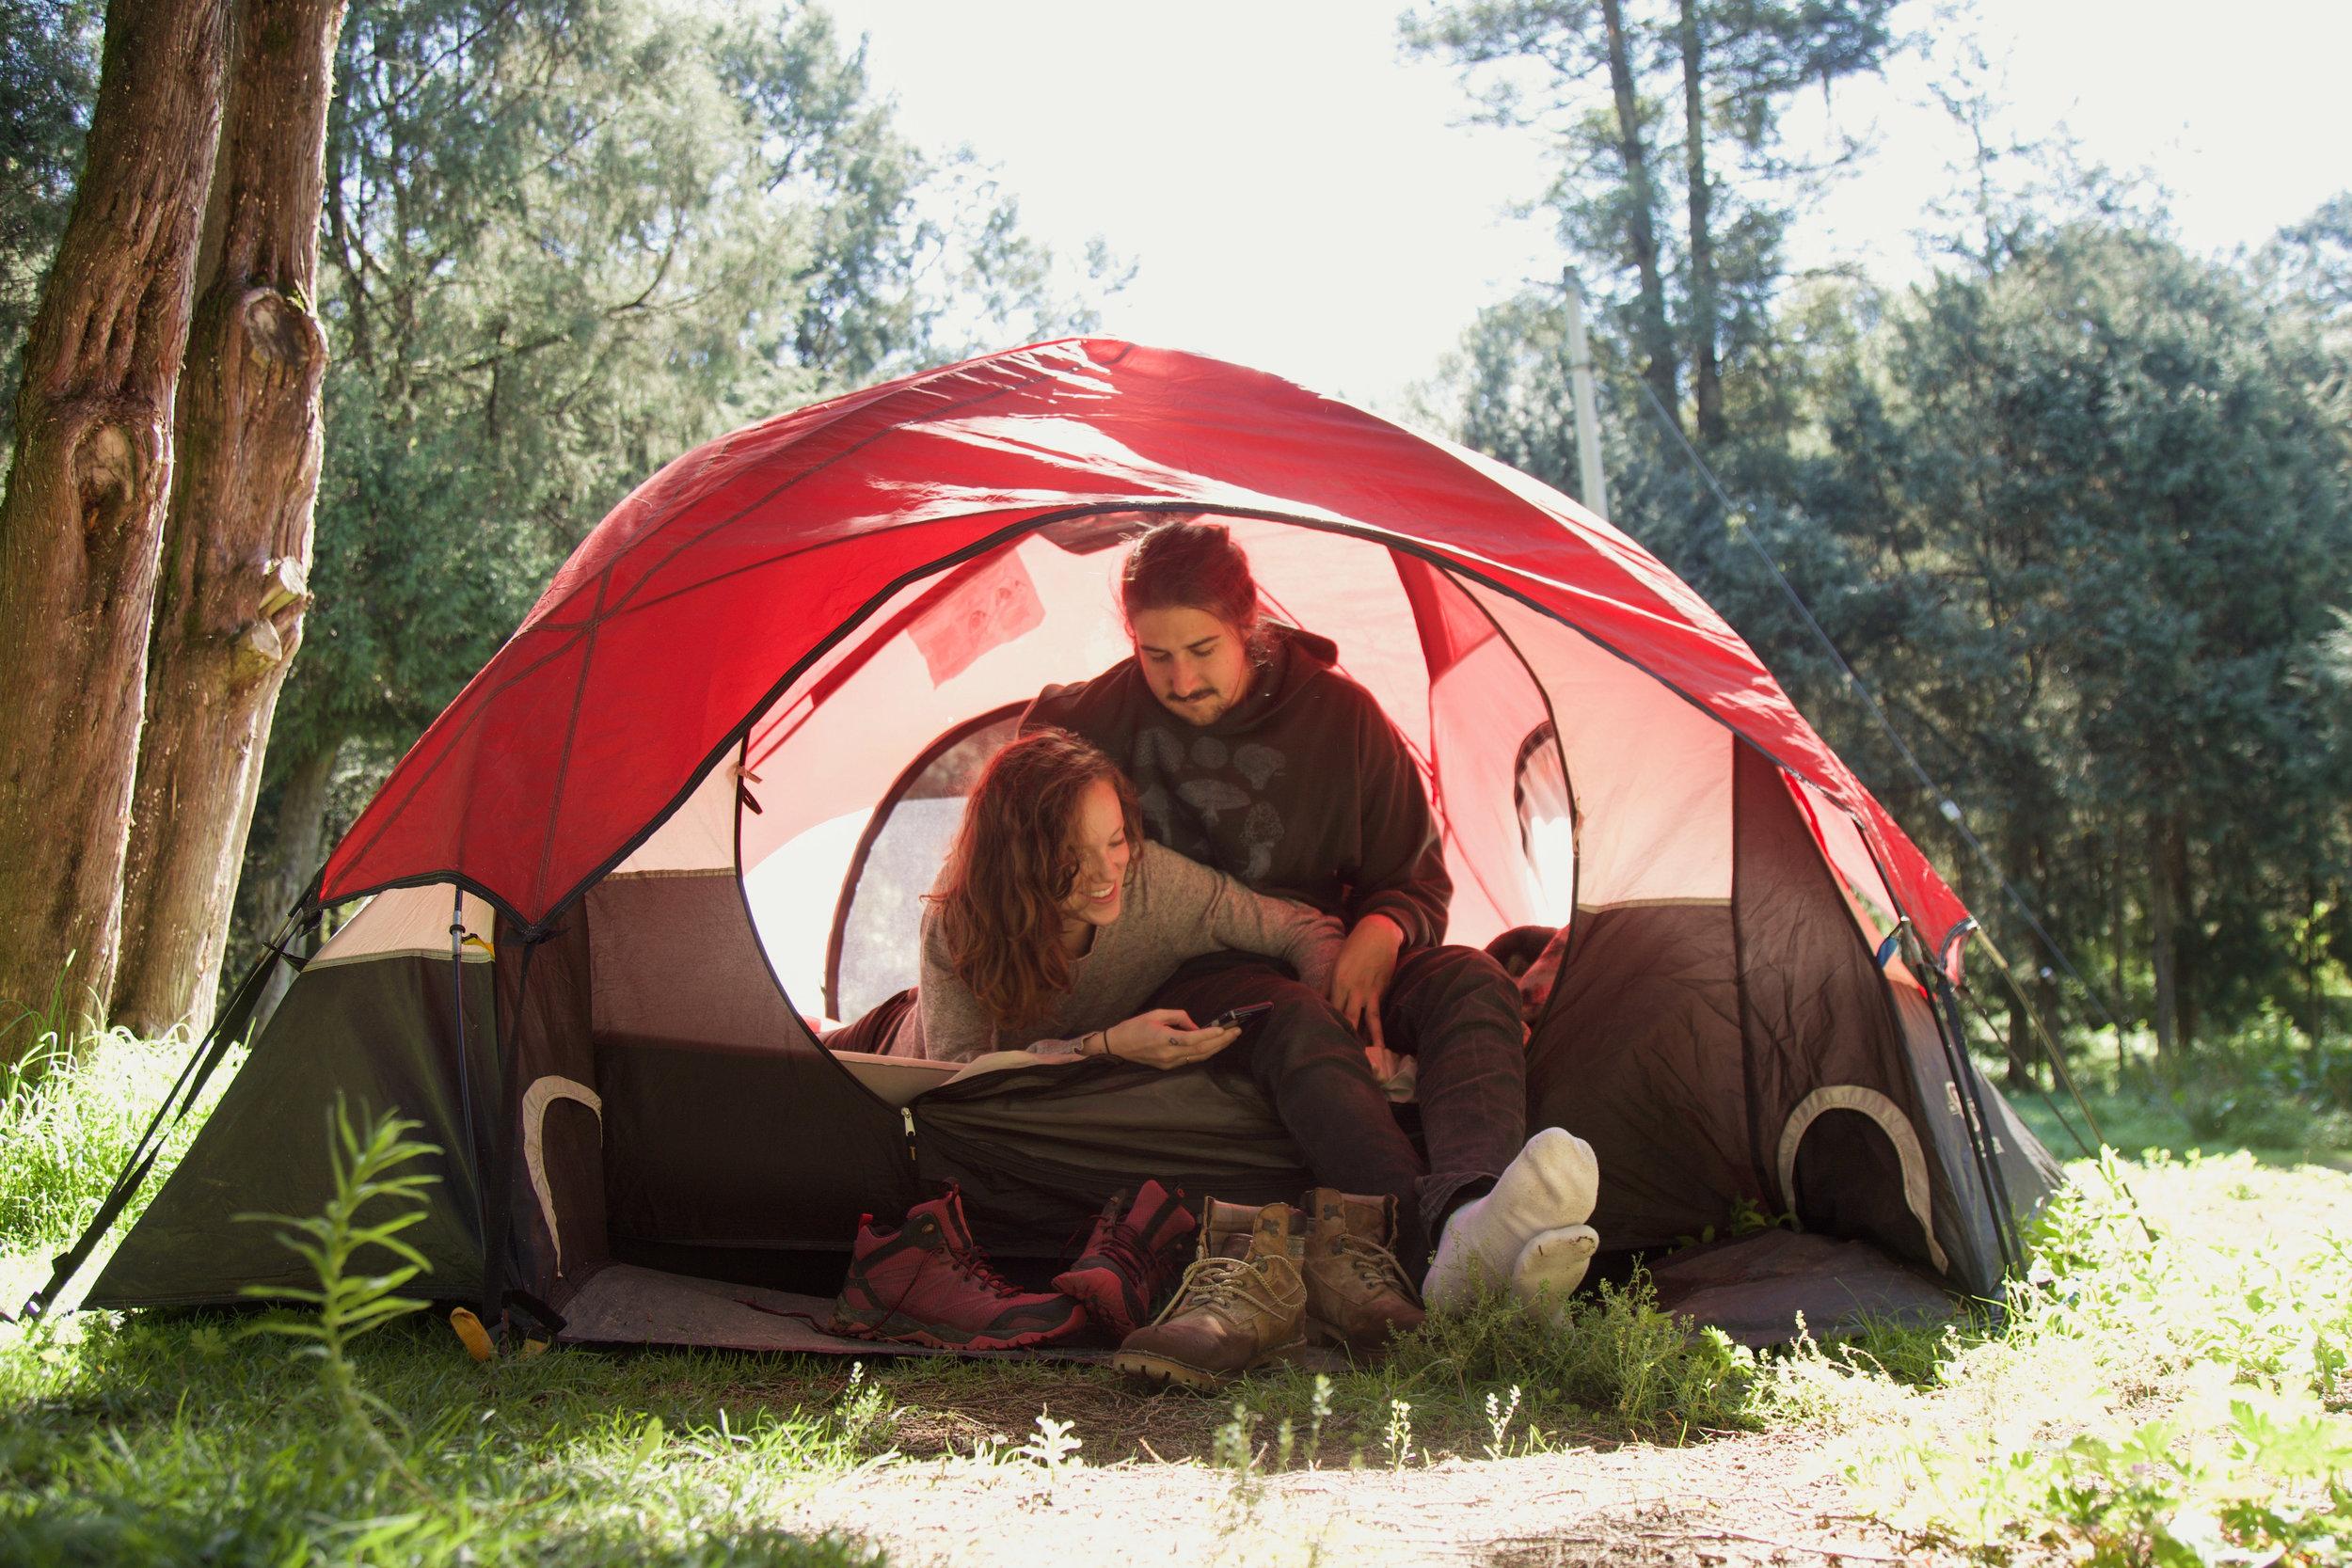 Piedra Canteada campground